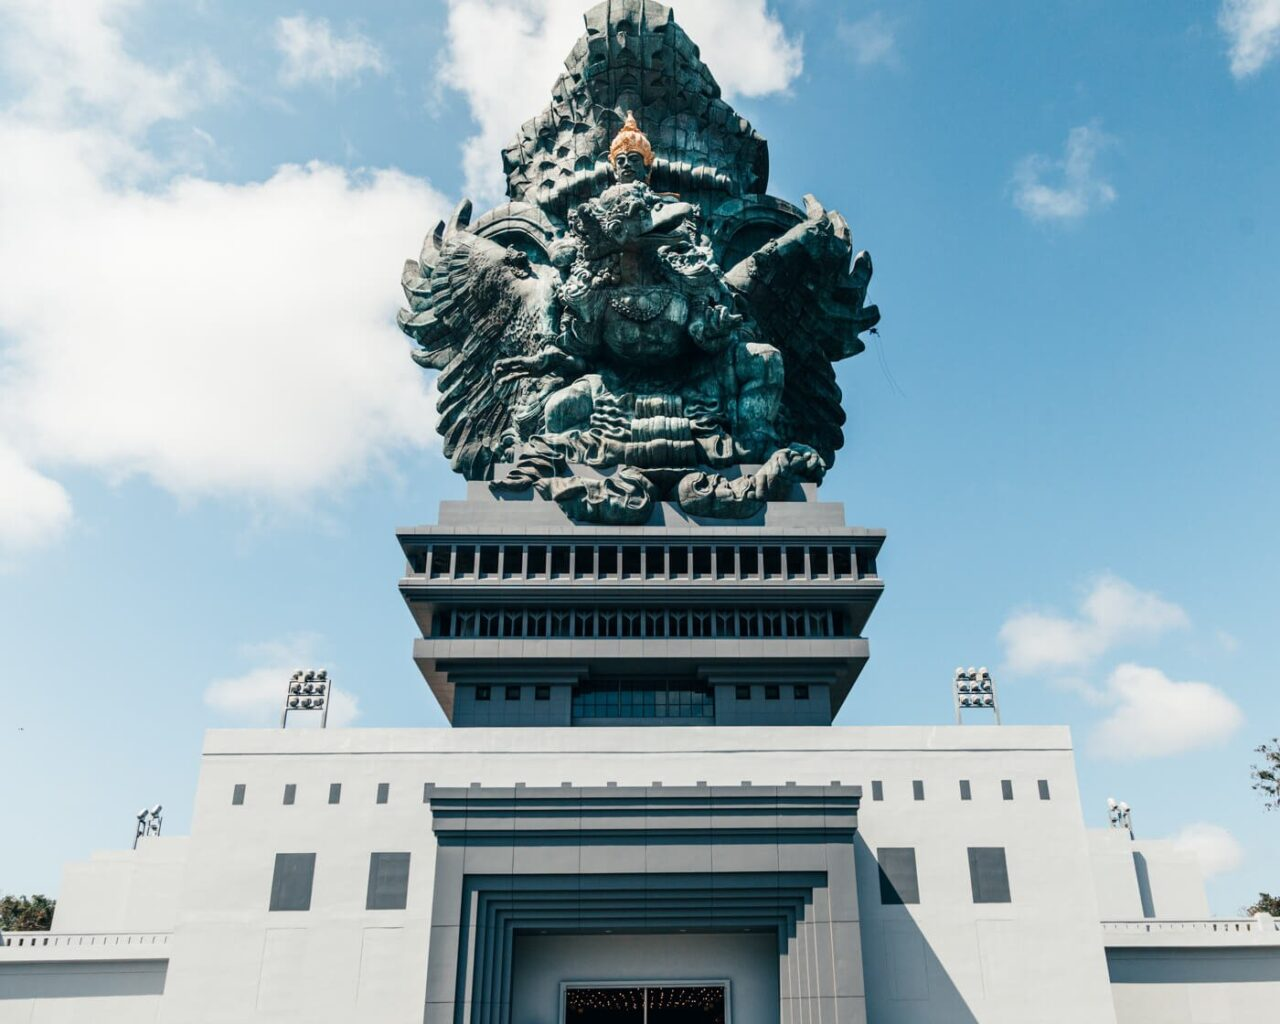 GWK - Garuda Wisnu Park - Bali - Uluwatu - a maior estátua da Indonésia